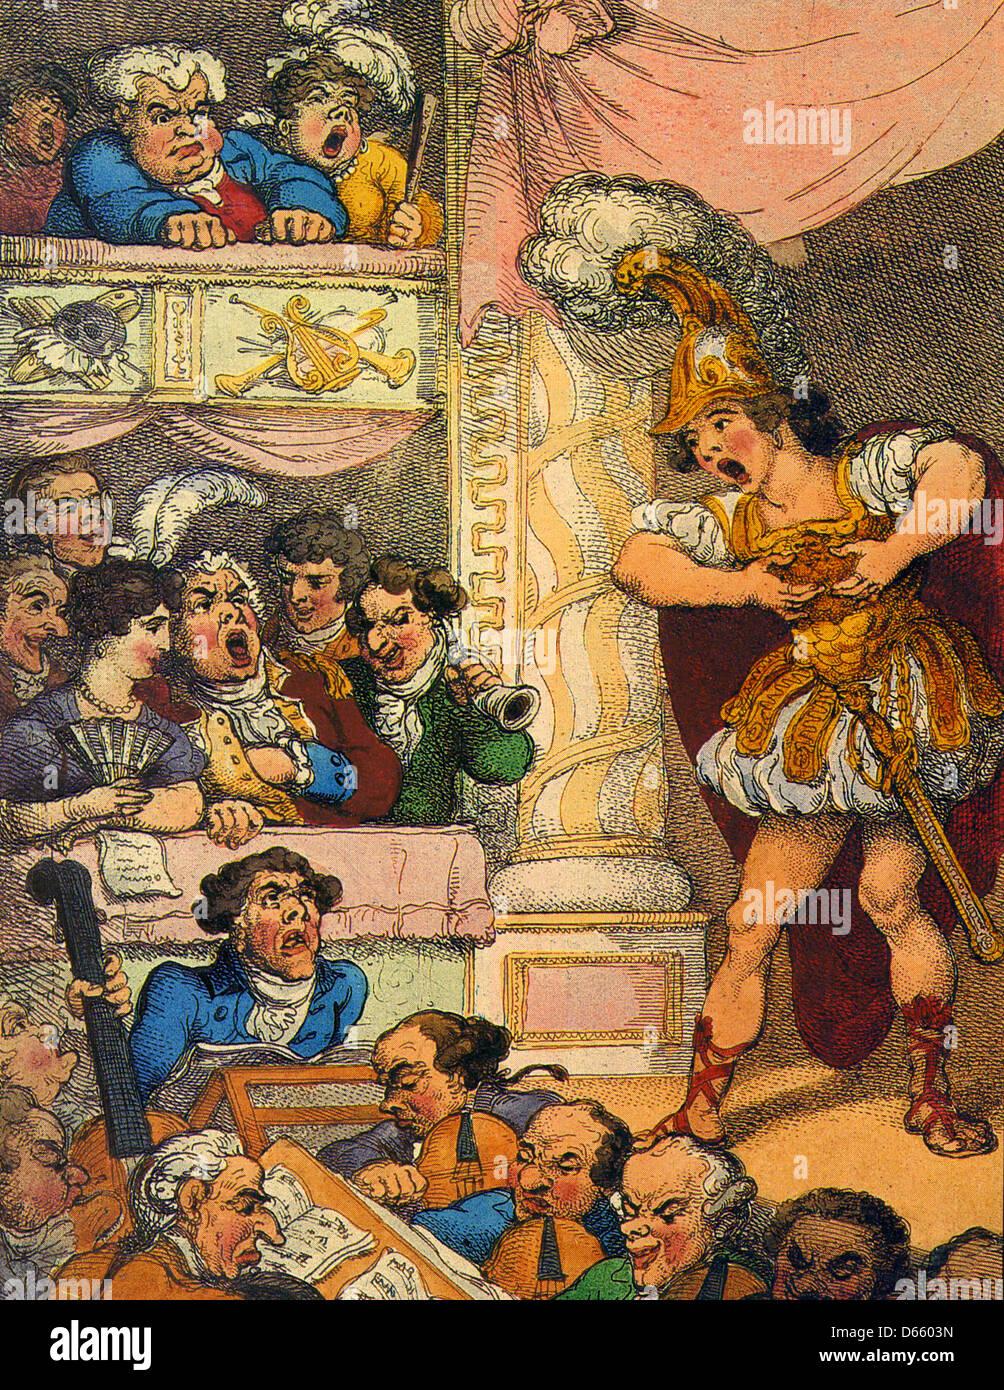 JOHN BULL AT THE ITALIAN OPERA Cartoon by Thomas Rowlandson about 1770 - Stock Image